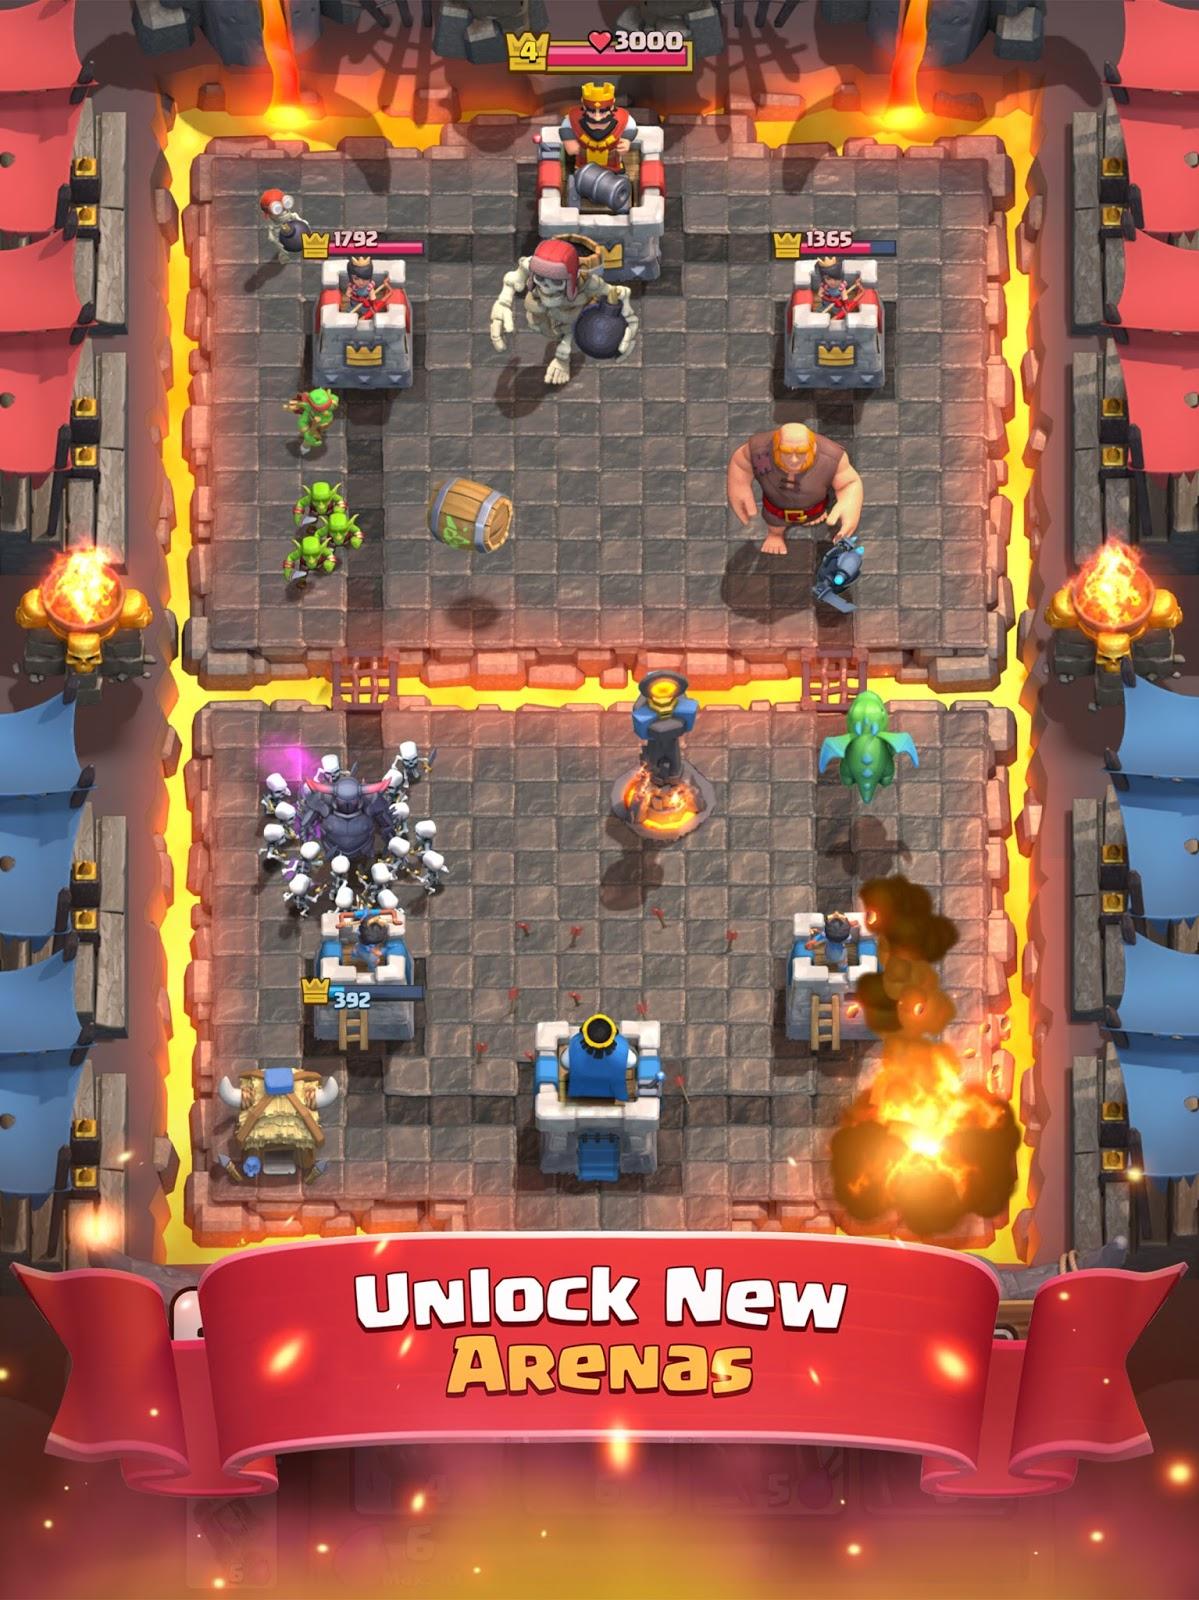 Скачать clash royale на андроид бесплатно, apk файл игры | mob. Org.